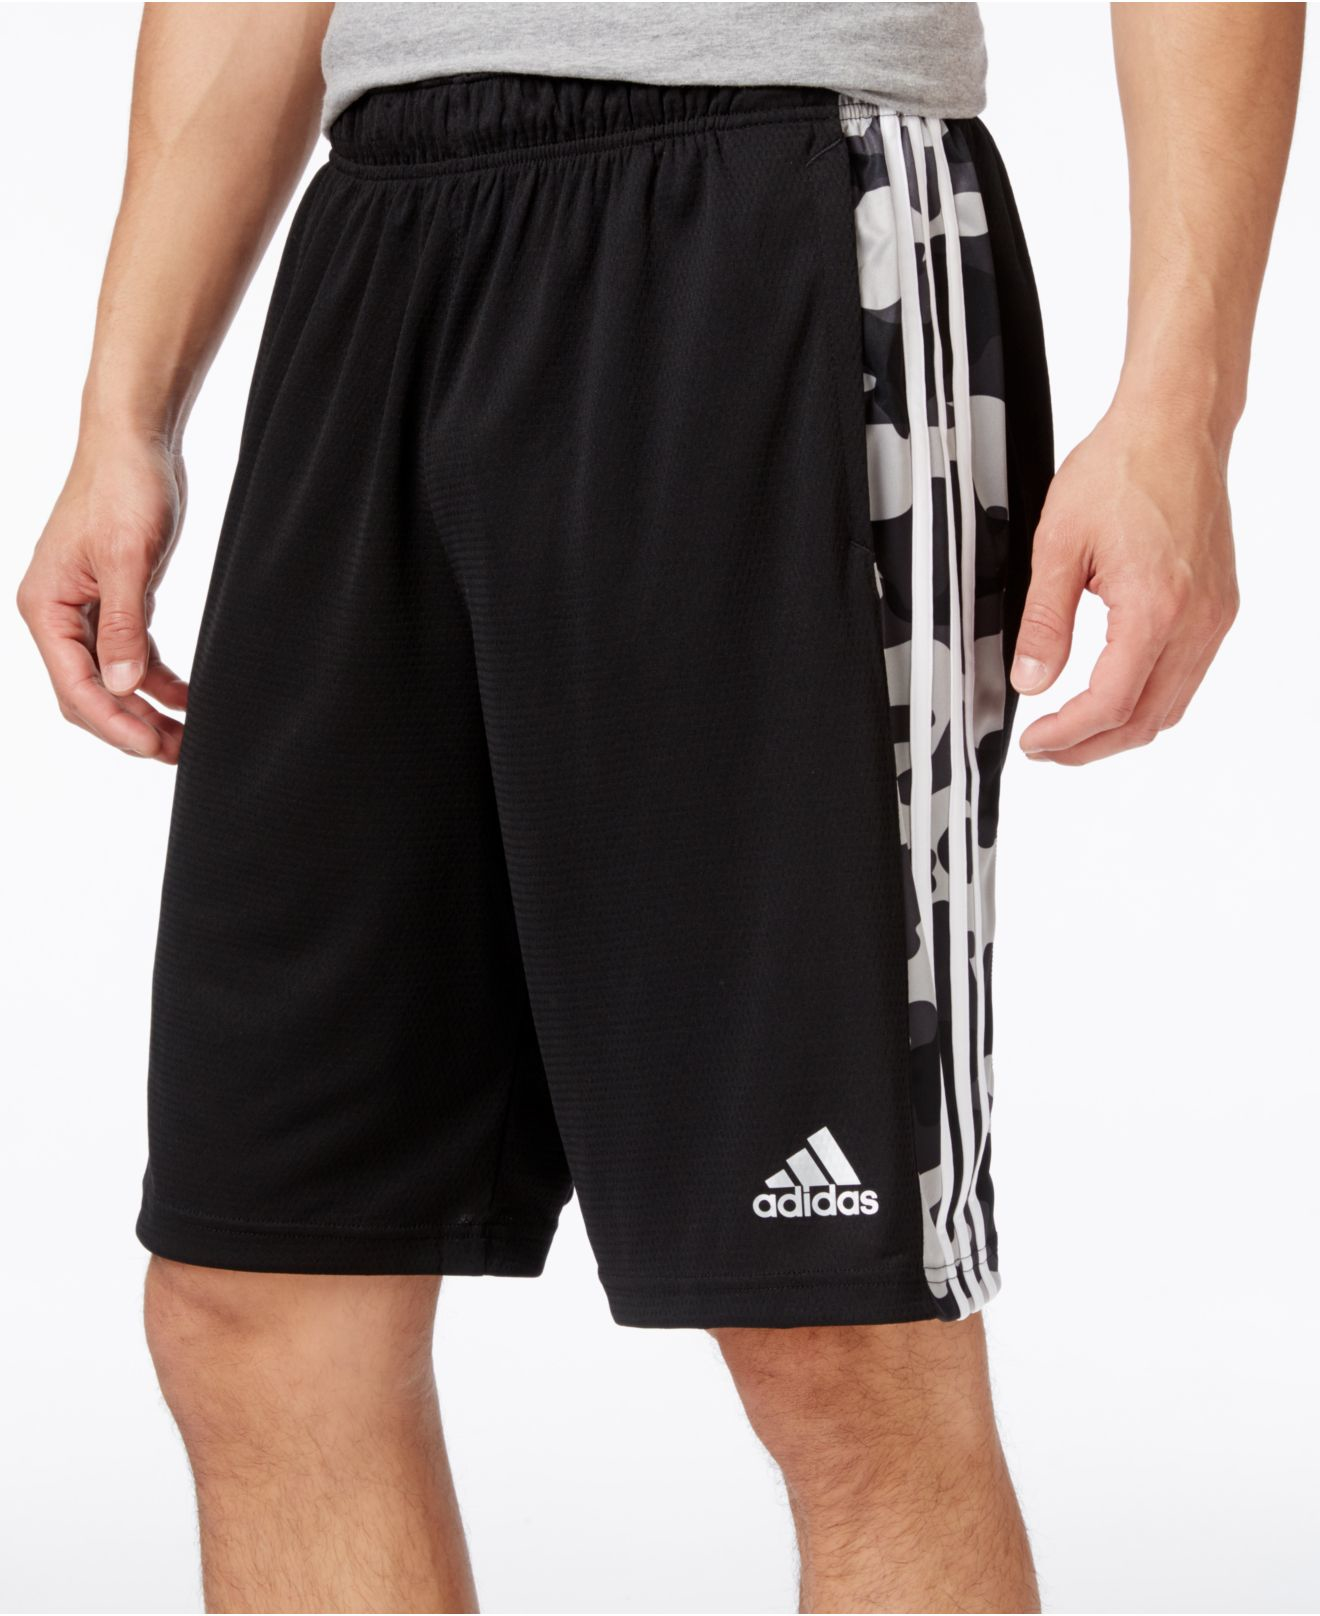 Adidas originals Men's Camo Climalite® Training Shorts in Black ...